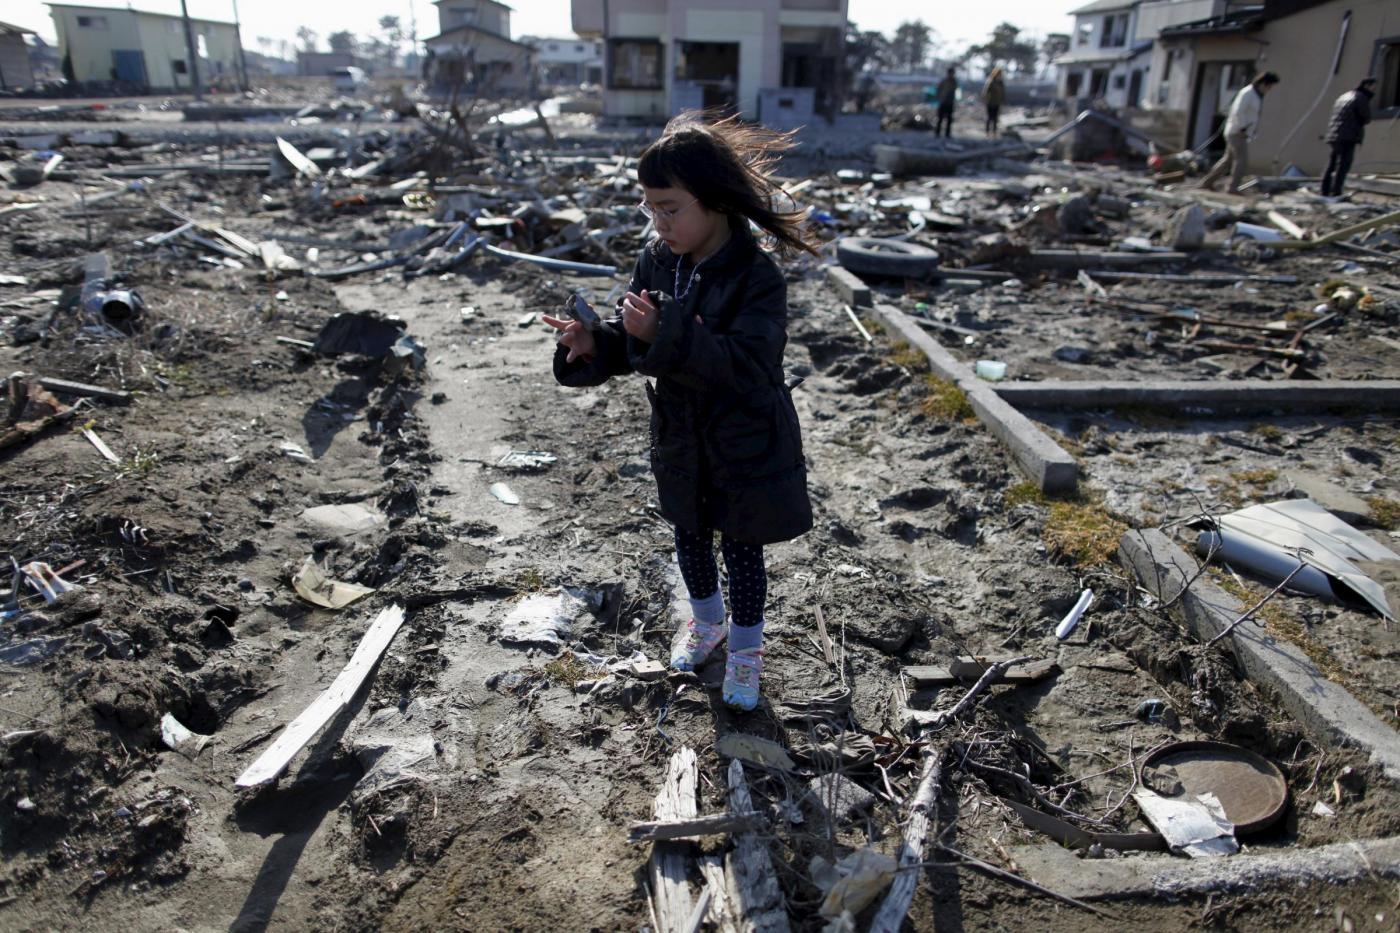 Disastro Fukushima: oggi dopo 6 anni la situazione ambientale resta preoccupante